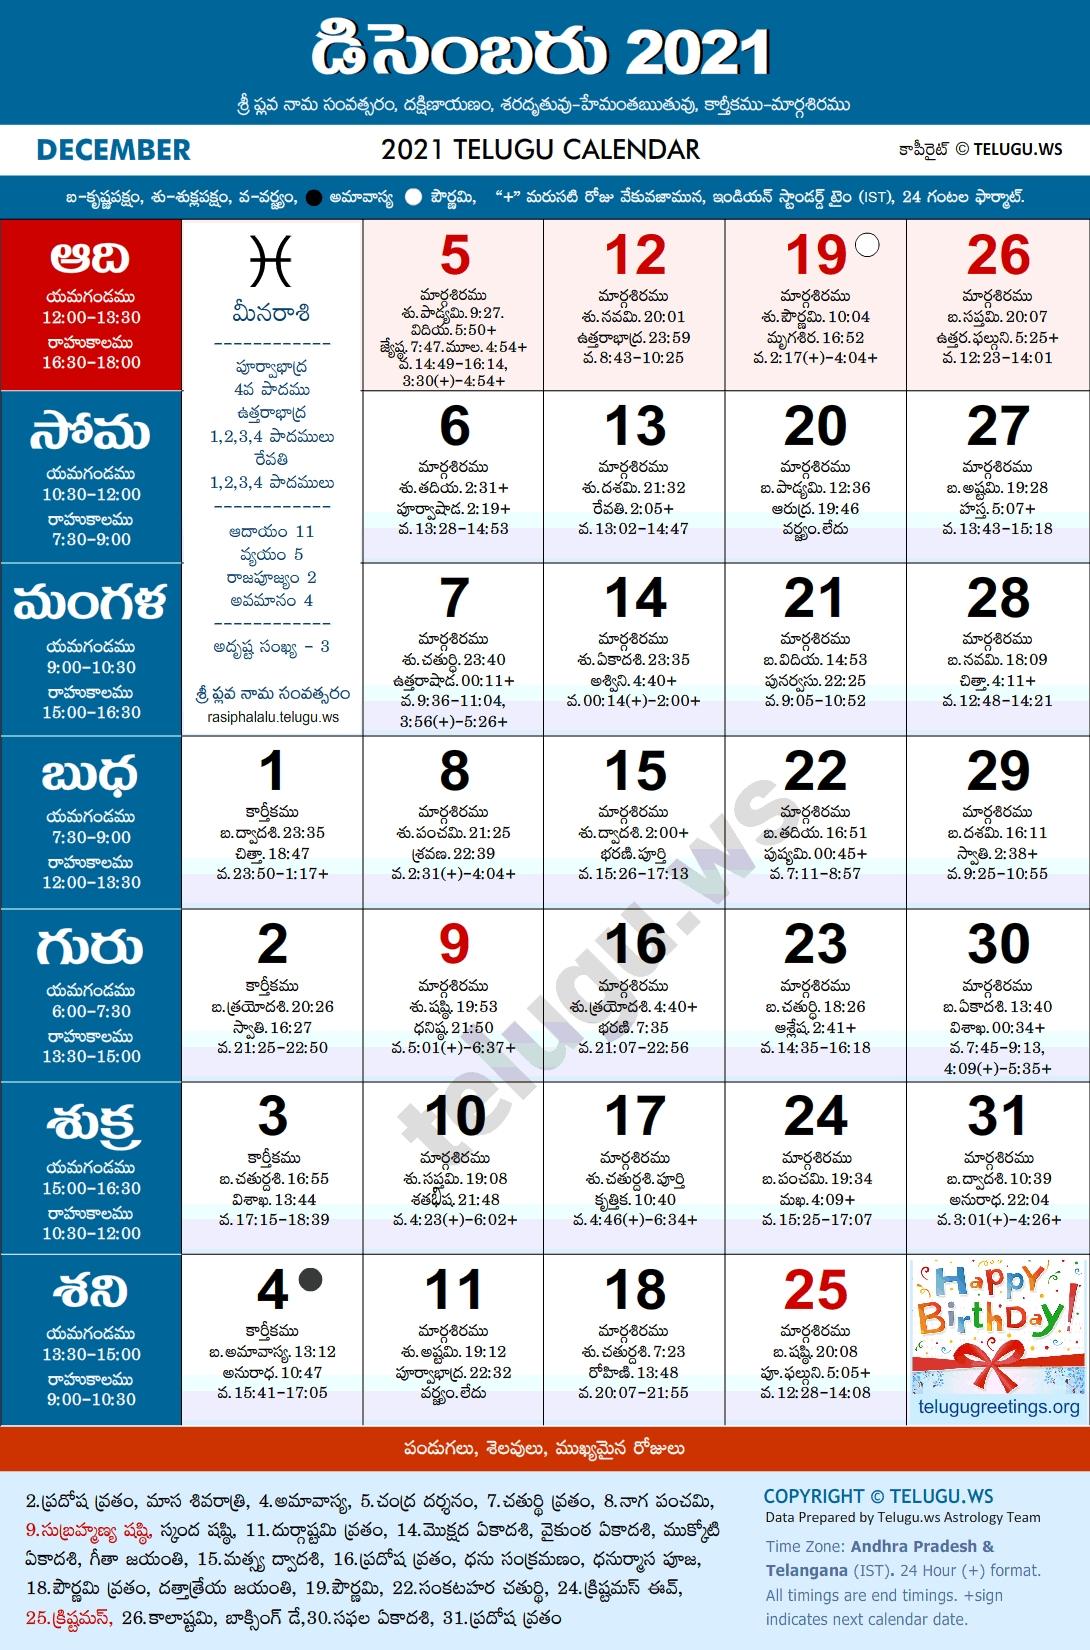 Telugu Calendar 2021 December Pdf Print With Festivals & Holidays List August 2021 Telugu Calendar